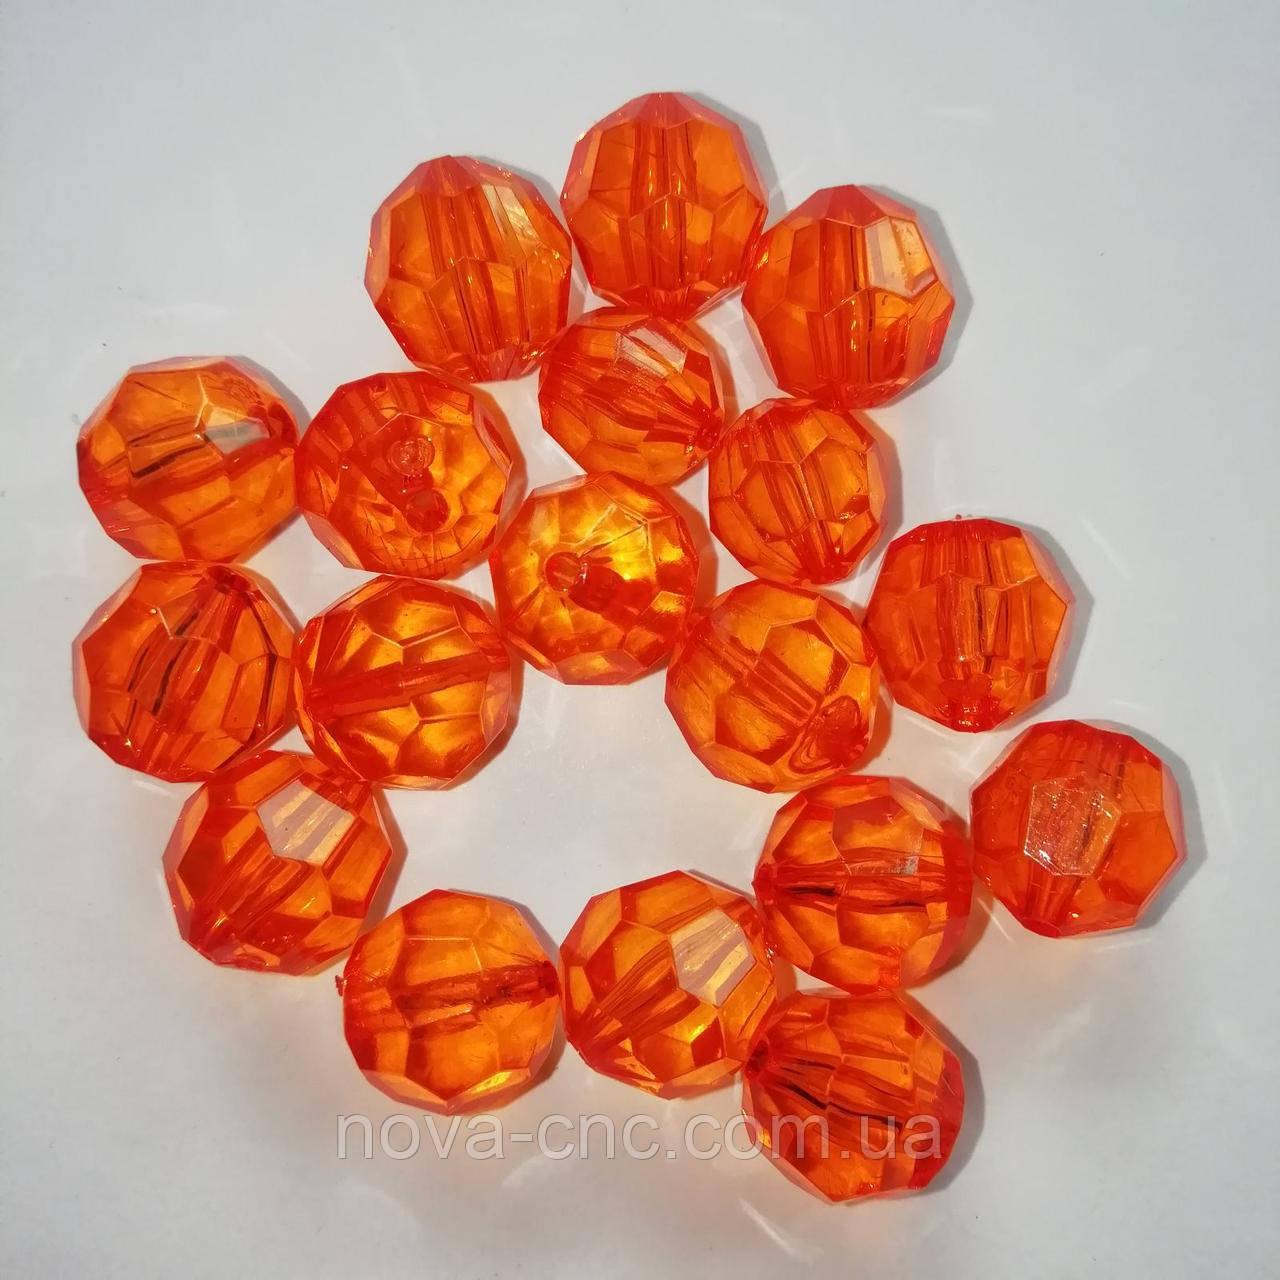 """Бусины """"Гранатик"""" акрил оранжевый 13 мм 500 грамм"""